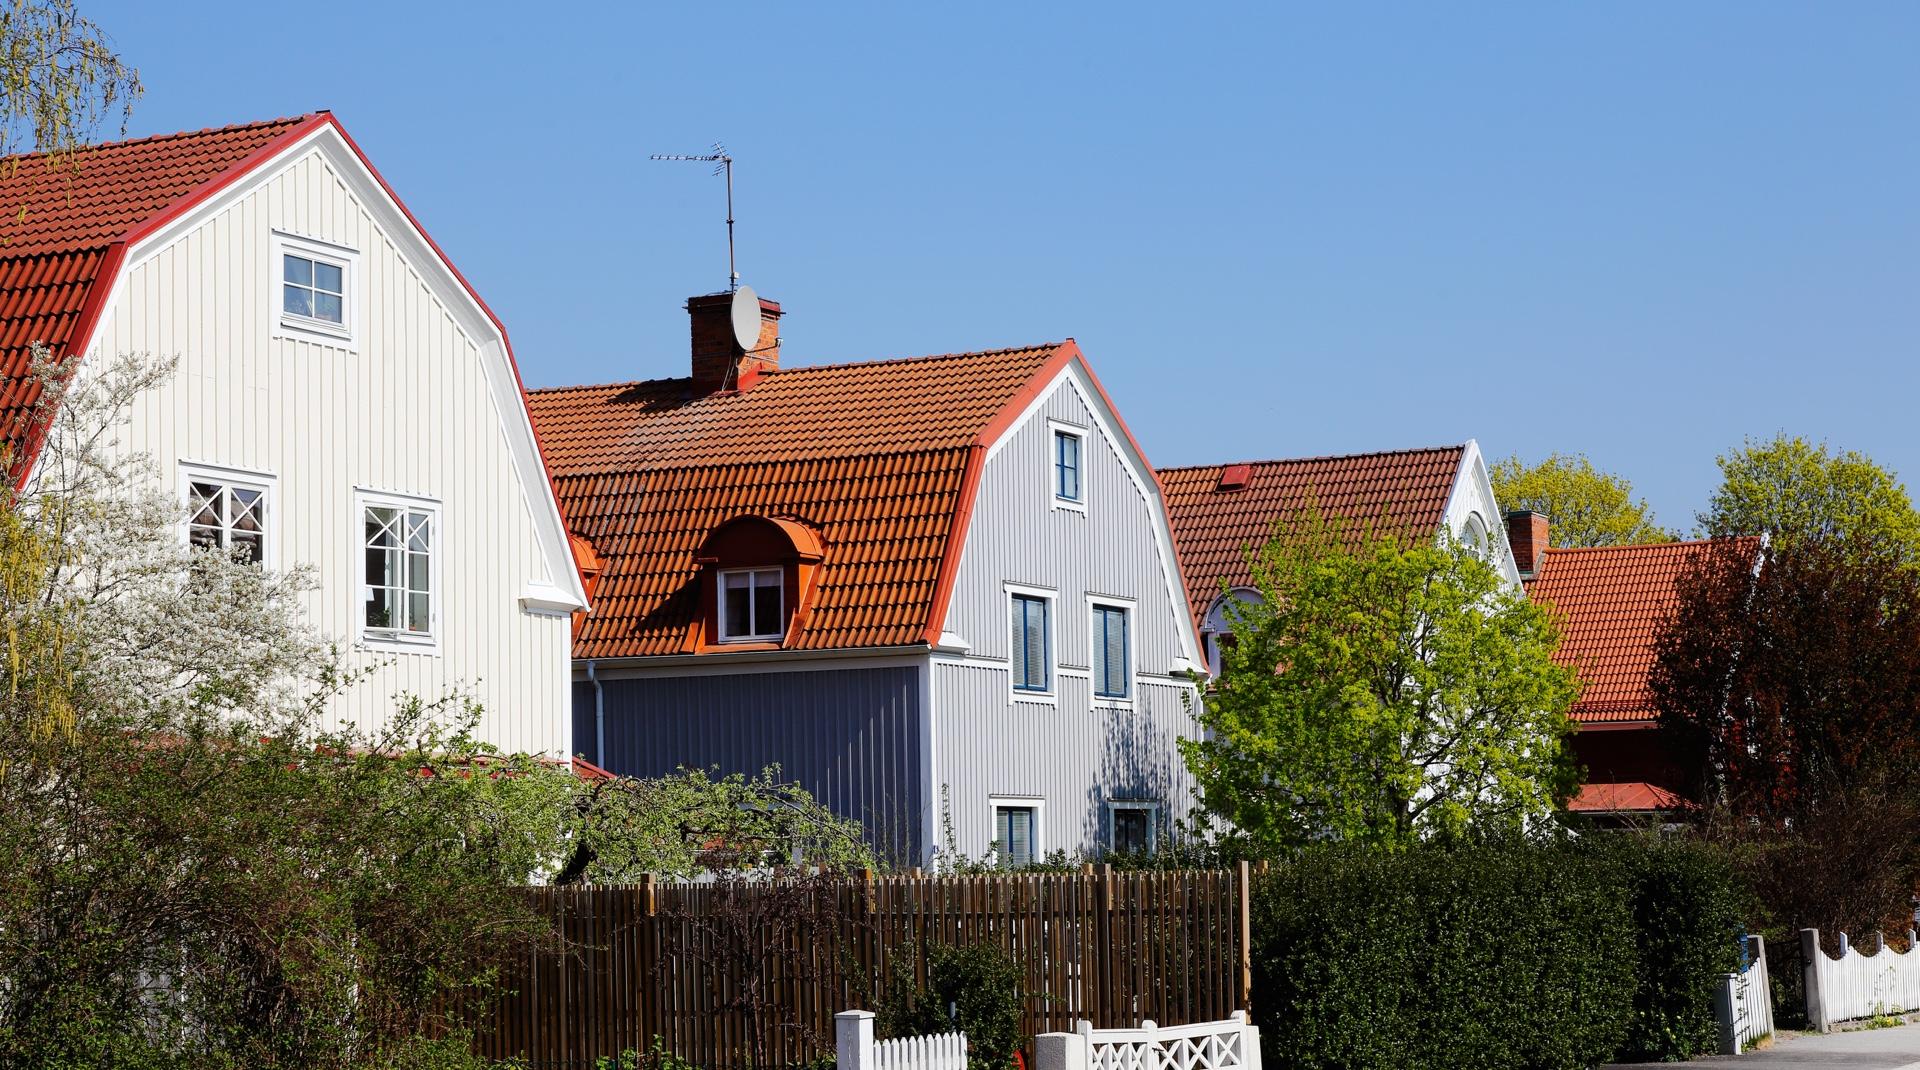 Beliebteste Dachformen: eine Häusersiedlung mit Mansardendächern